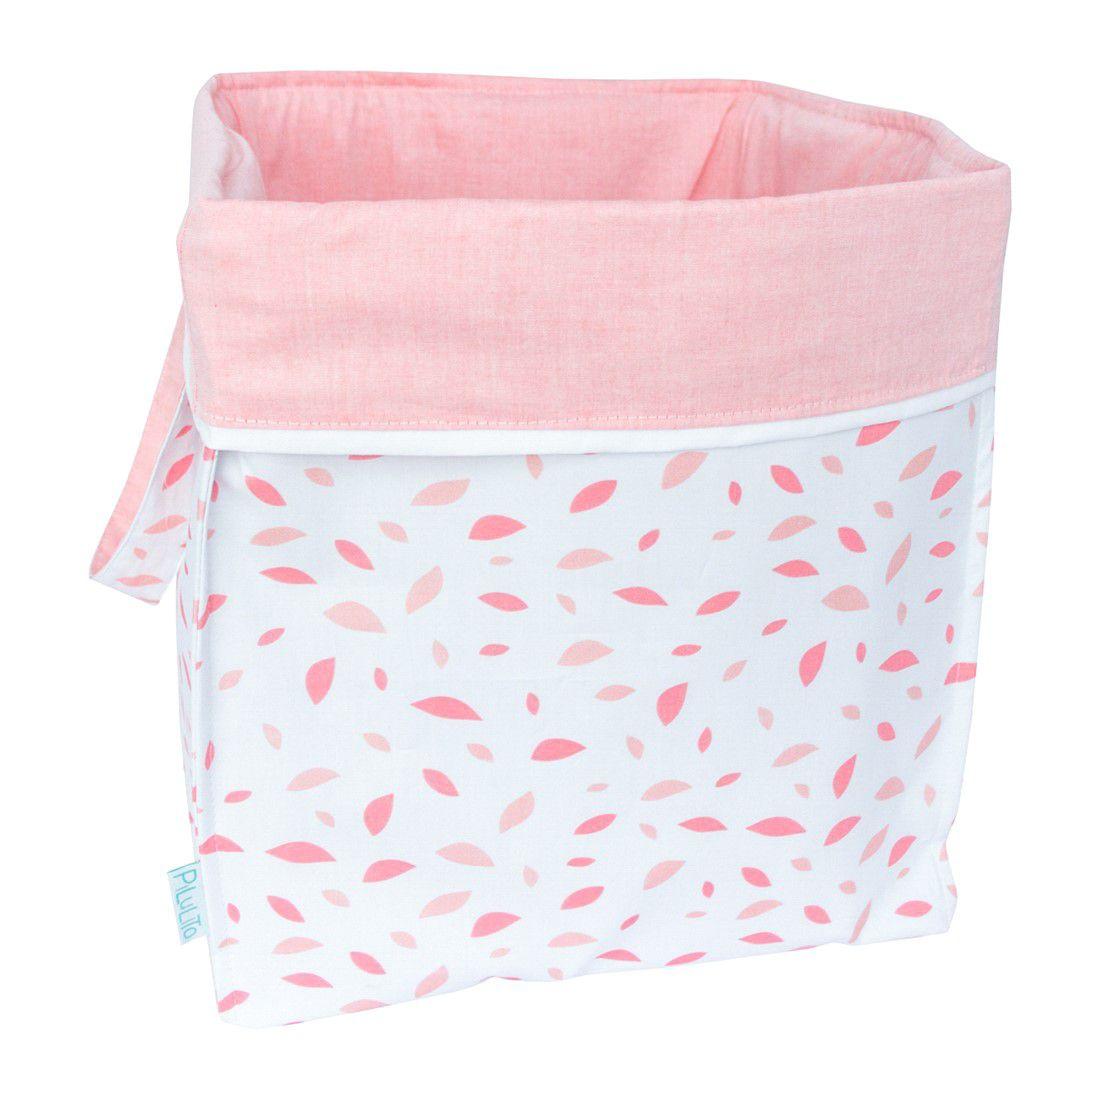 Cesto para brinquedos quadrado chão de folhas rosa chá